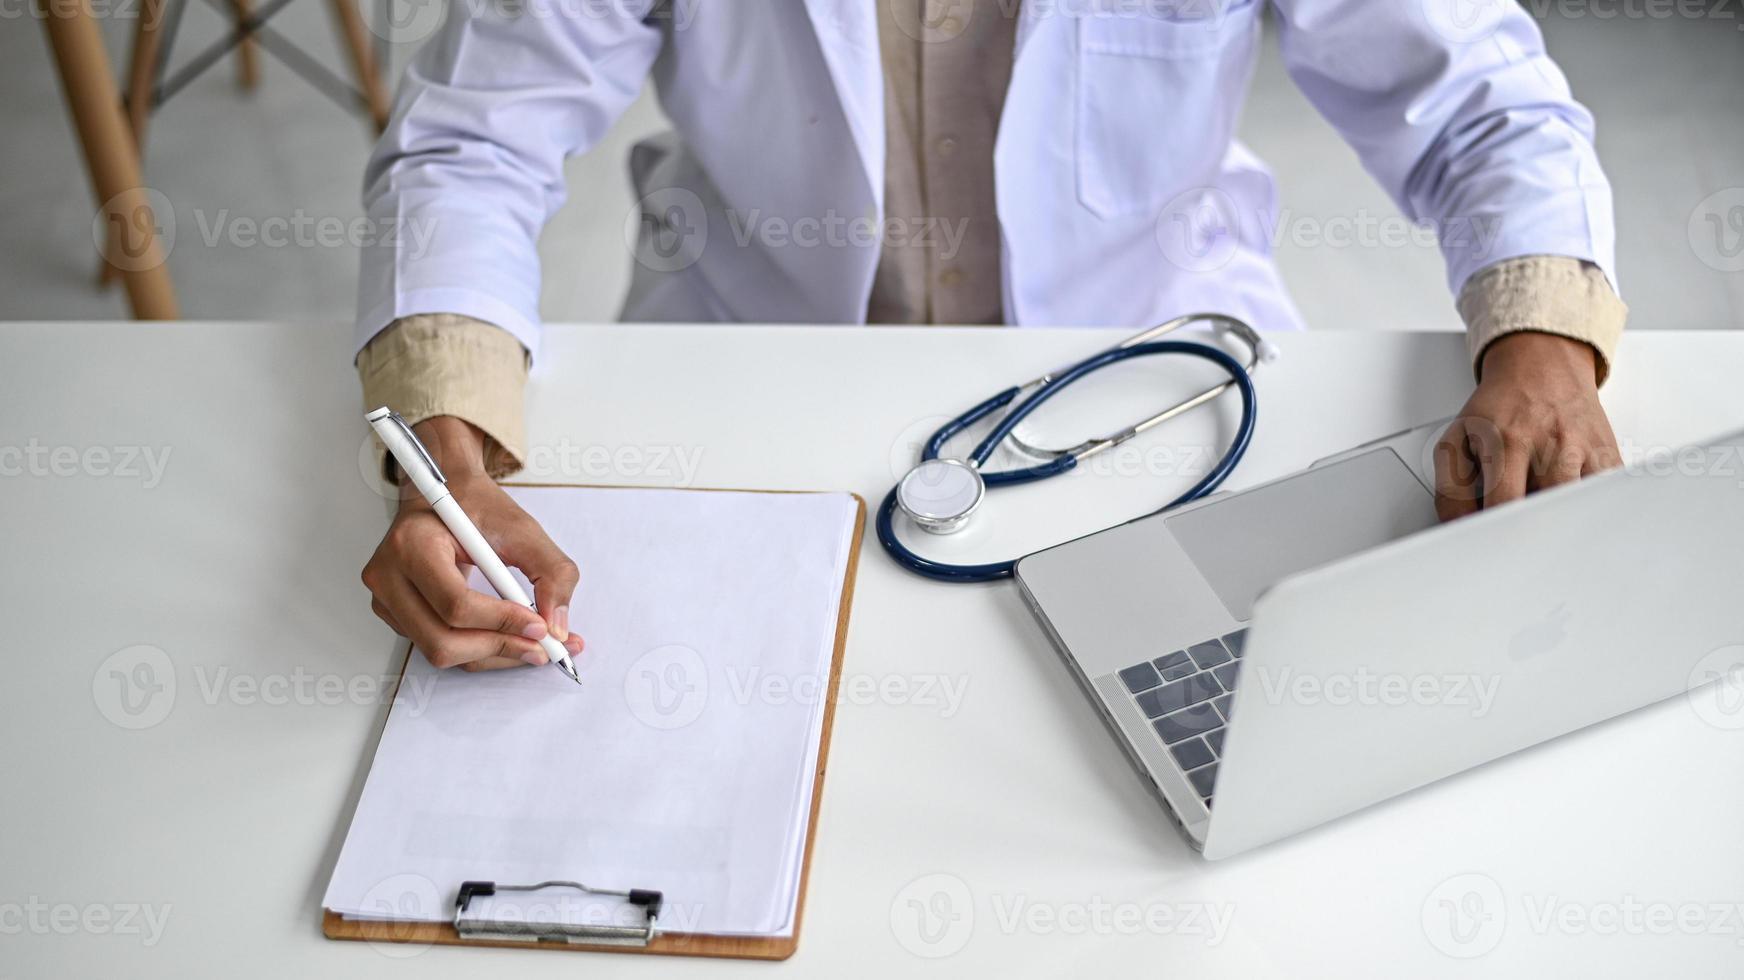 Ein Mediziner in einem Laborkittel hält einen Bleistift auf einer leeren Akte. foto